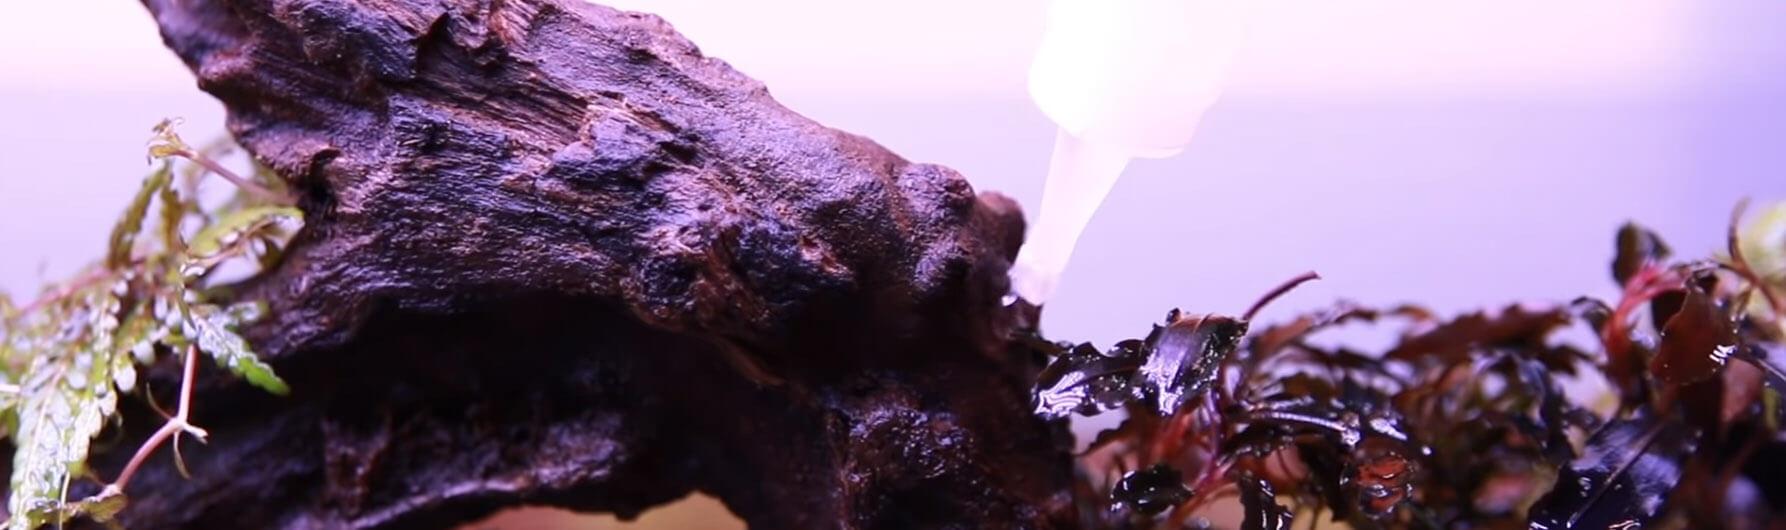 Как приклеить мох в аквариуме